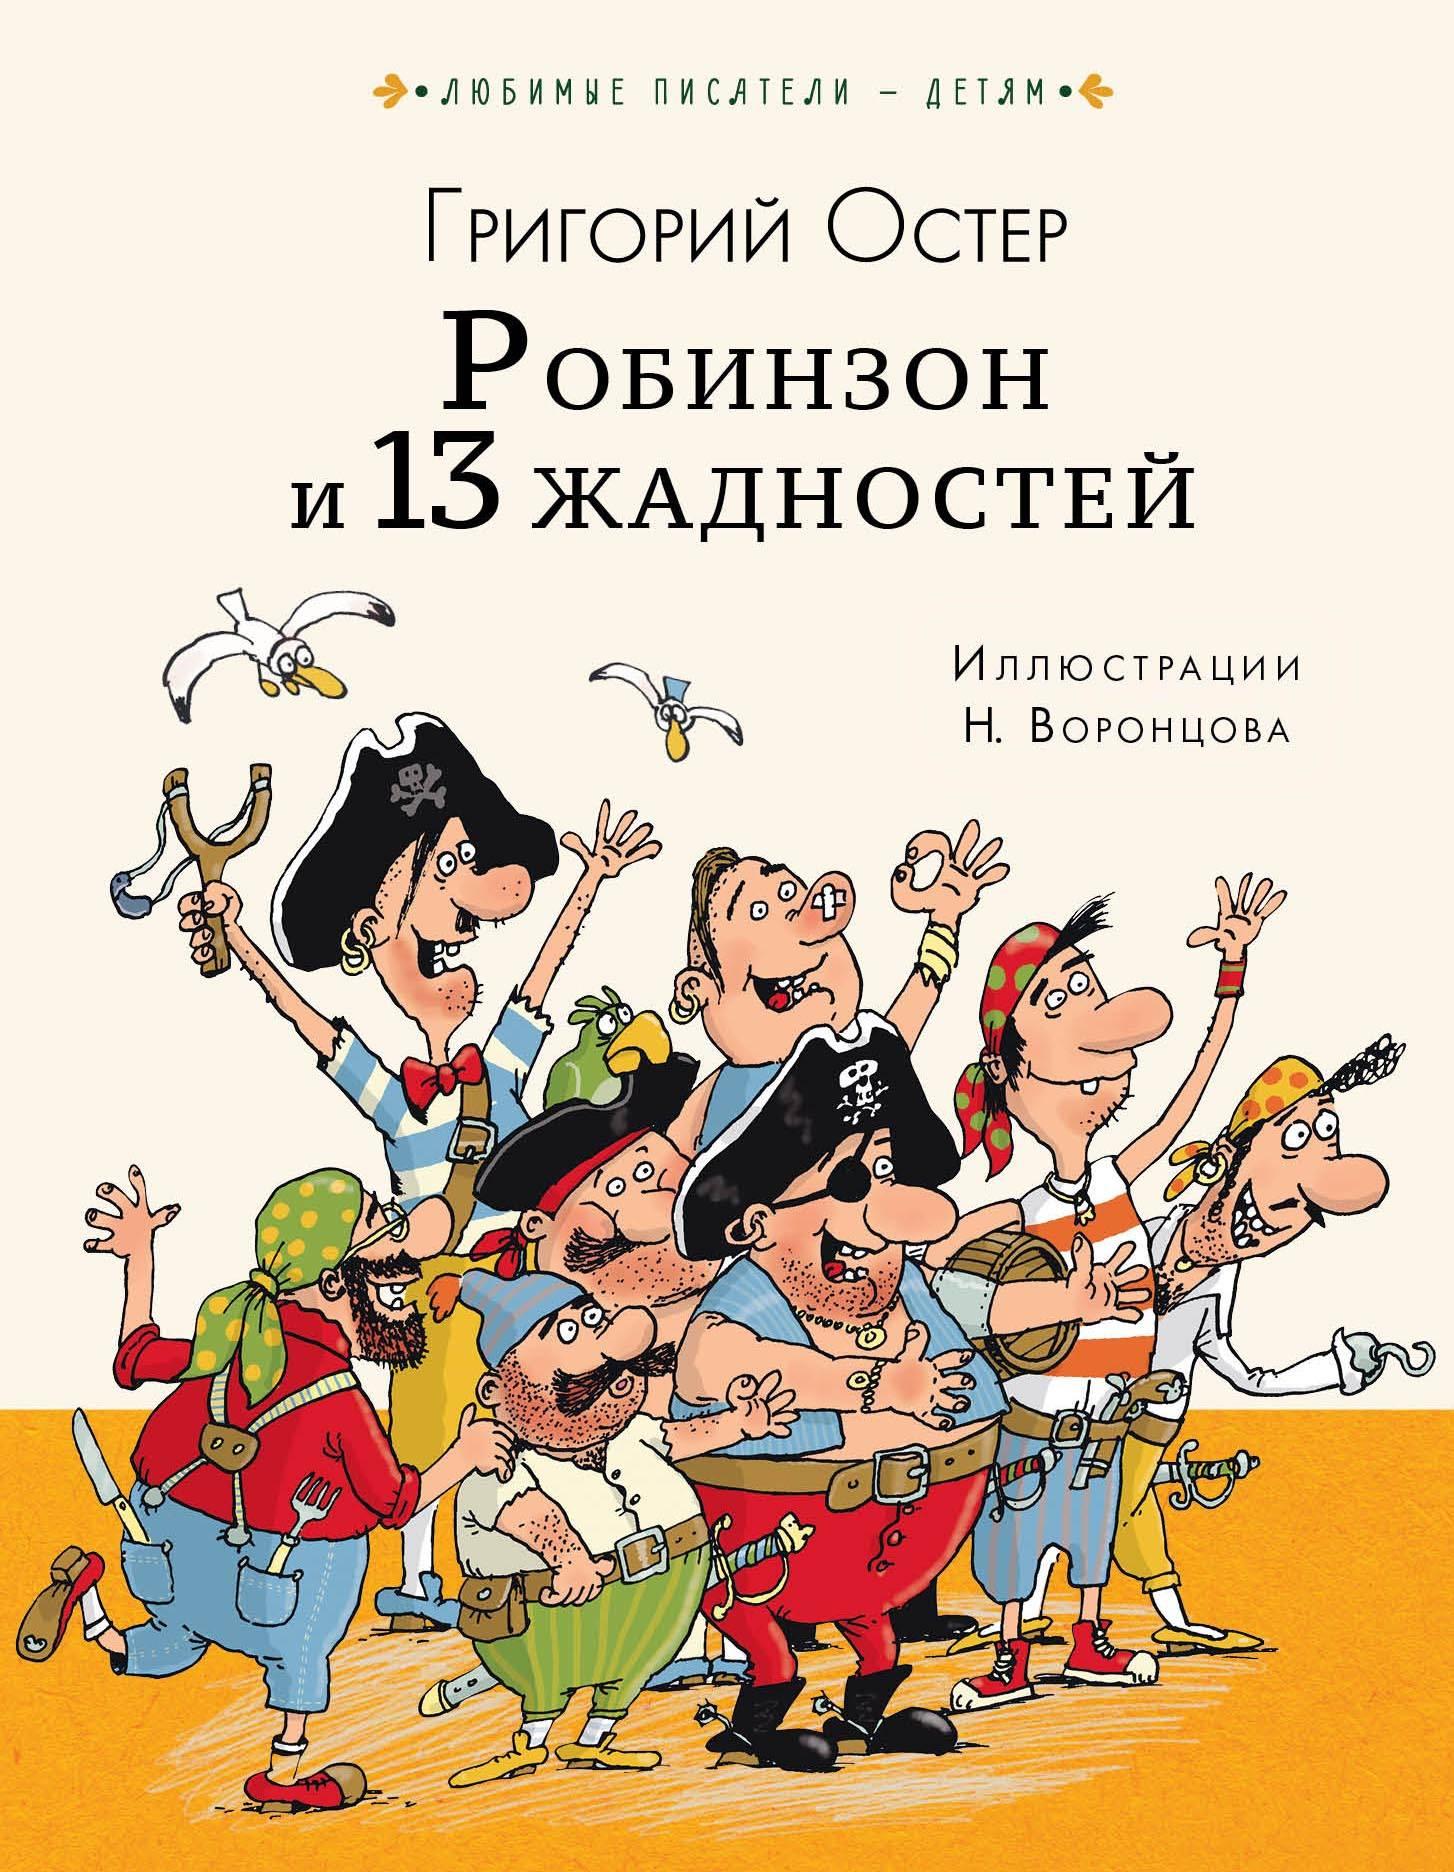 Остер Григорий Бенционович, художник Николай Воронцов Робинзон и 13 жадностей